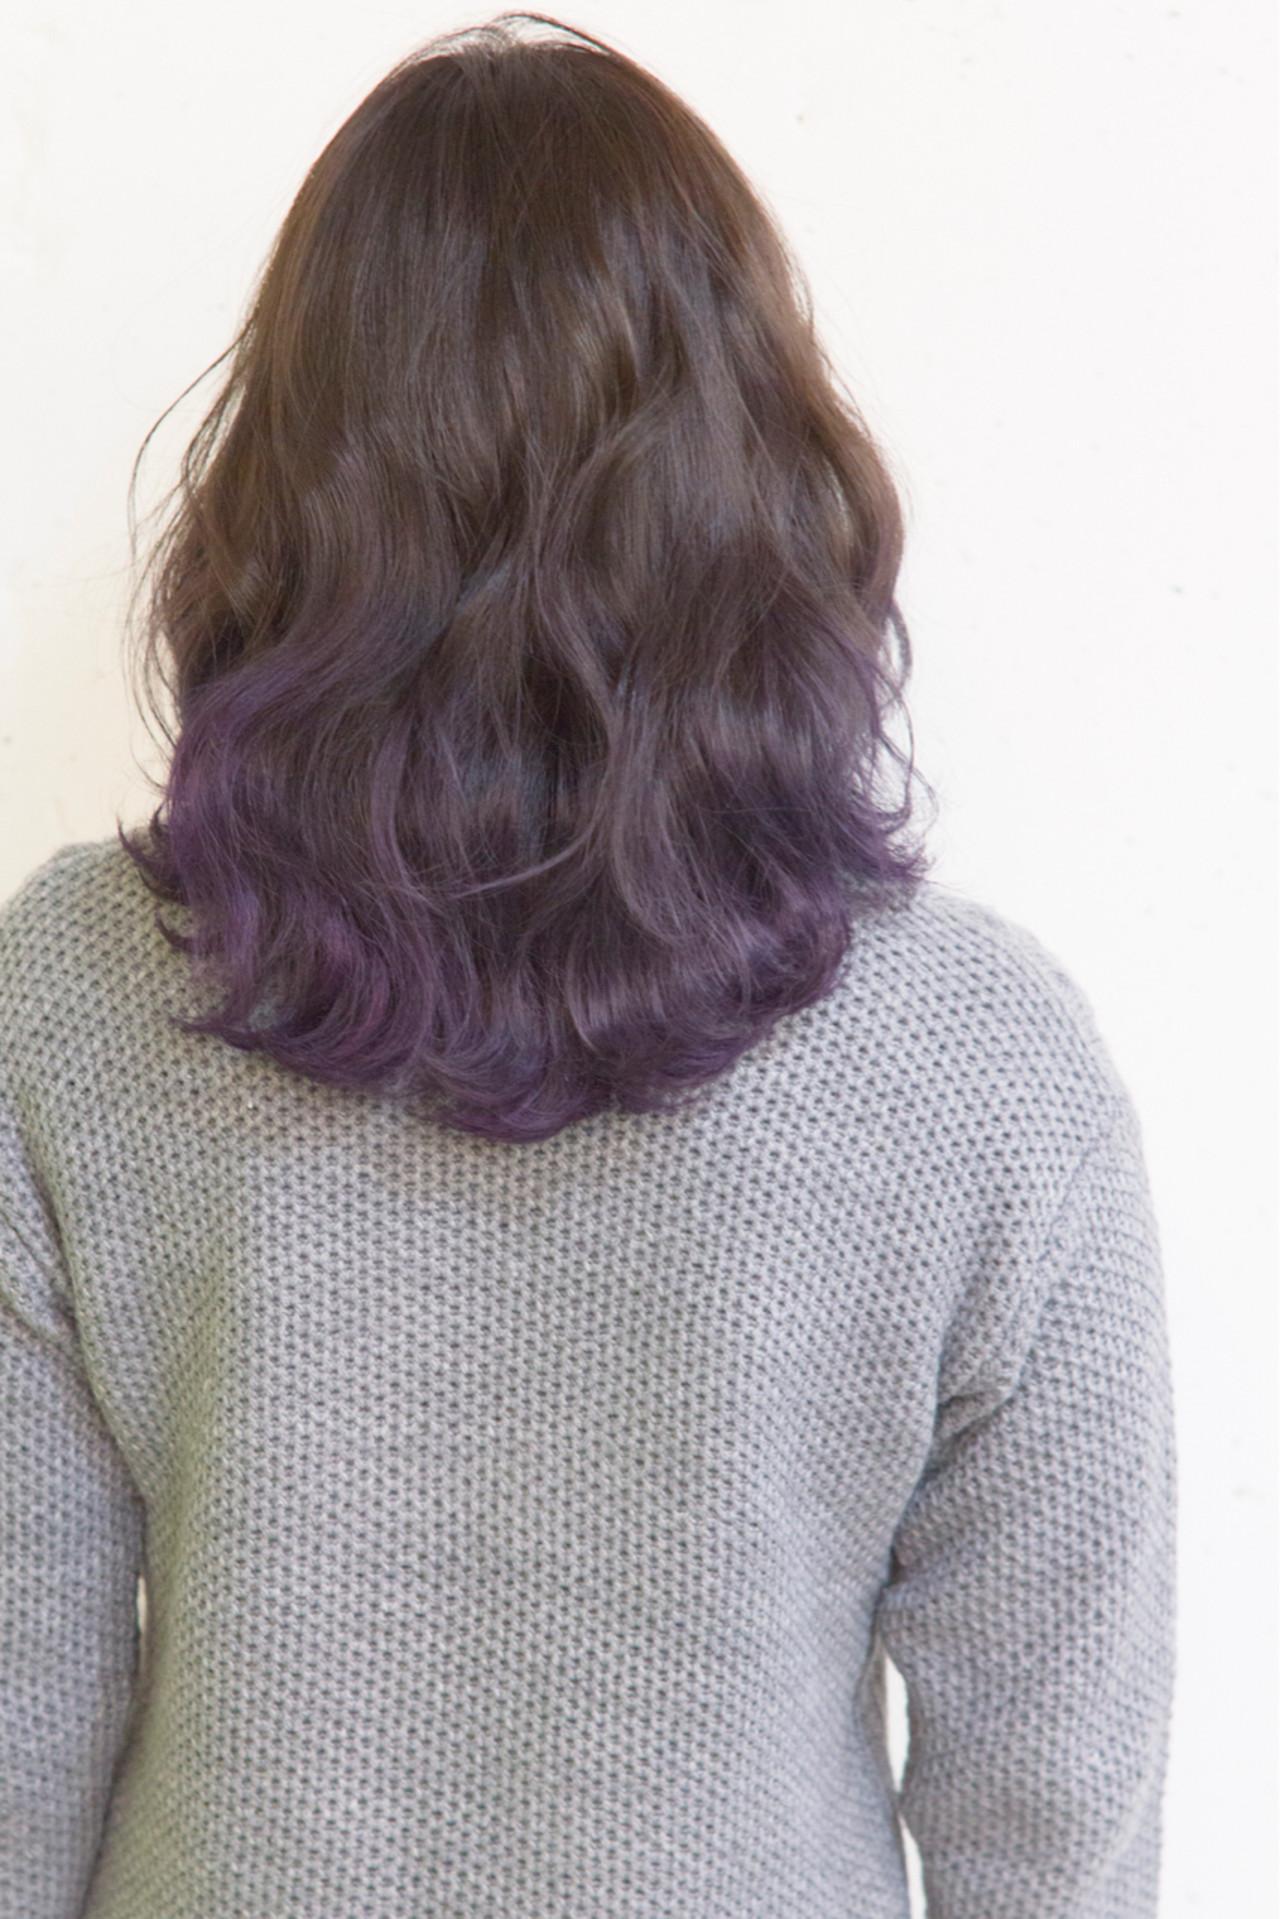 ボブ ストリート 色気 個性的 ヘアスタイルや髪型の写真・画像 | sowi 阿部 辰也 / sowi hair design ソーイ